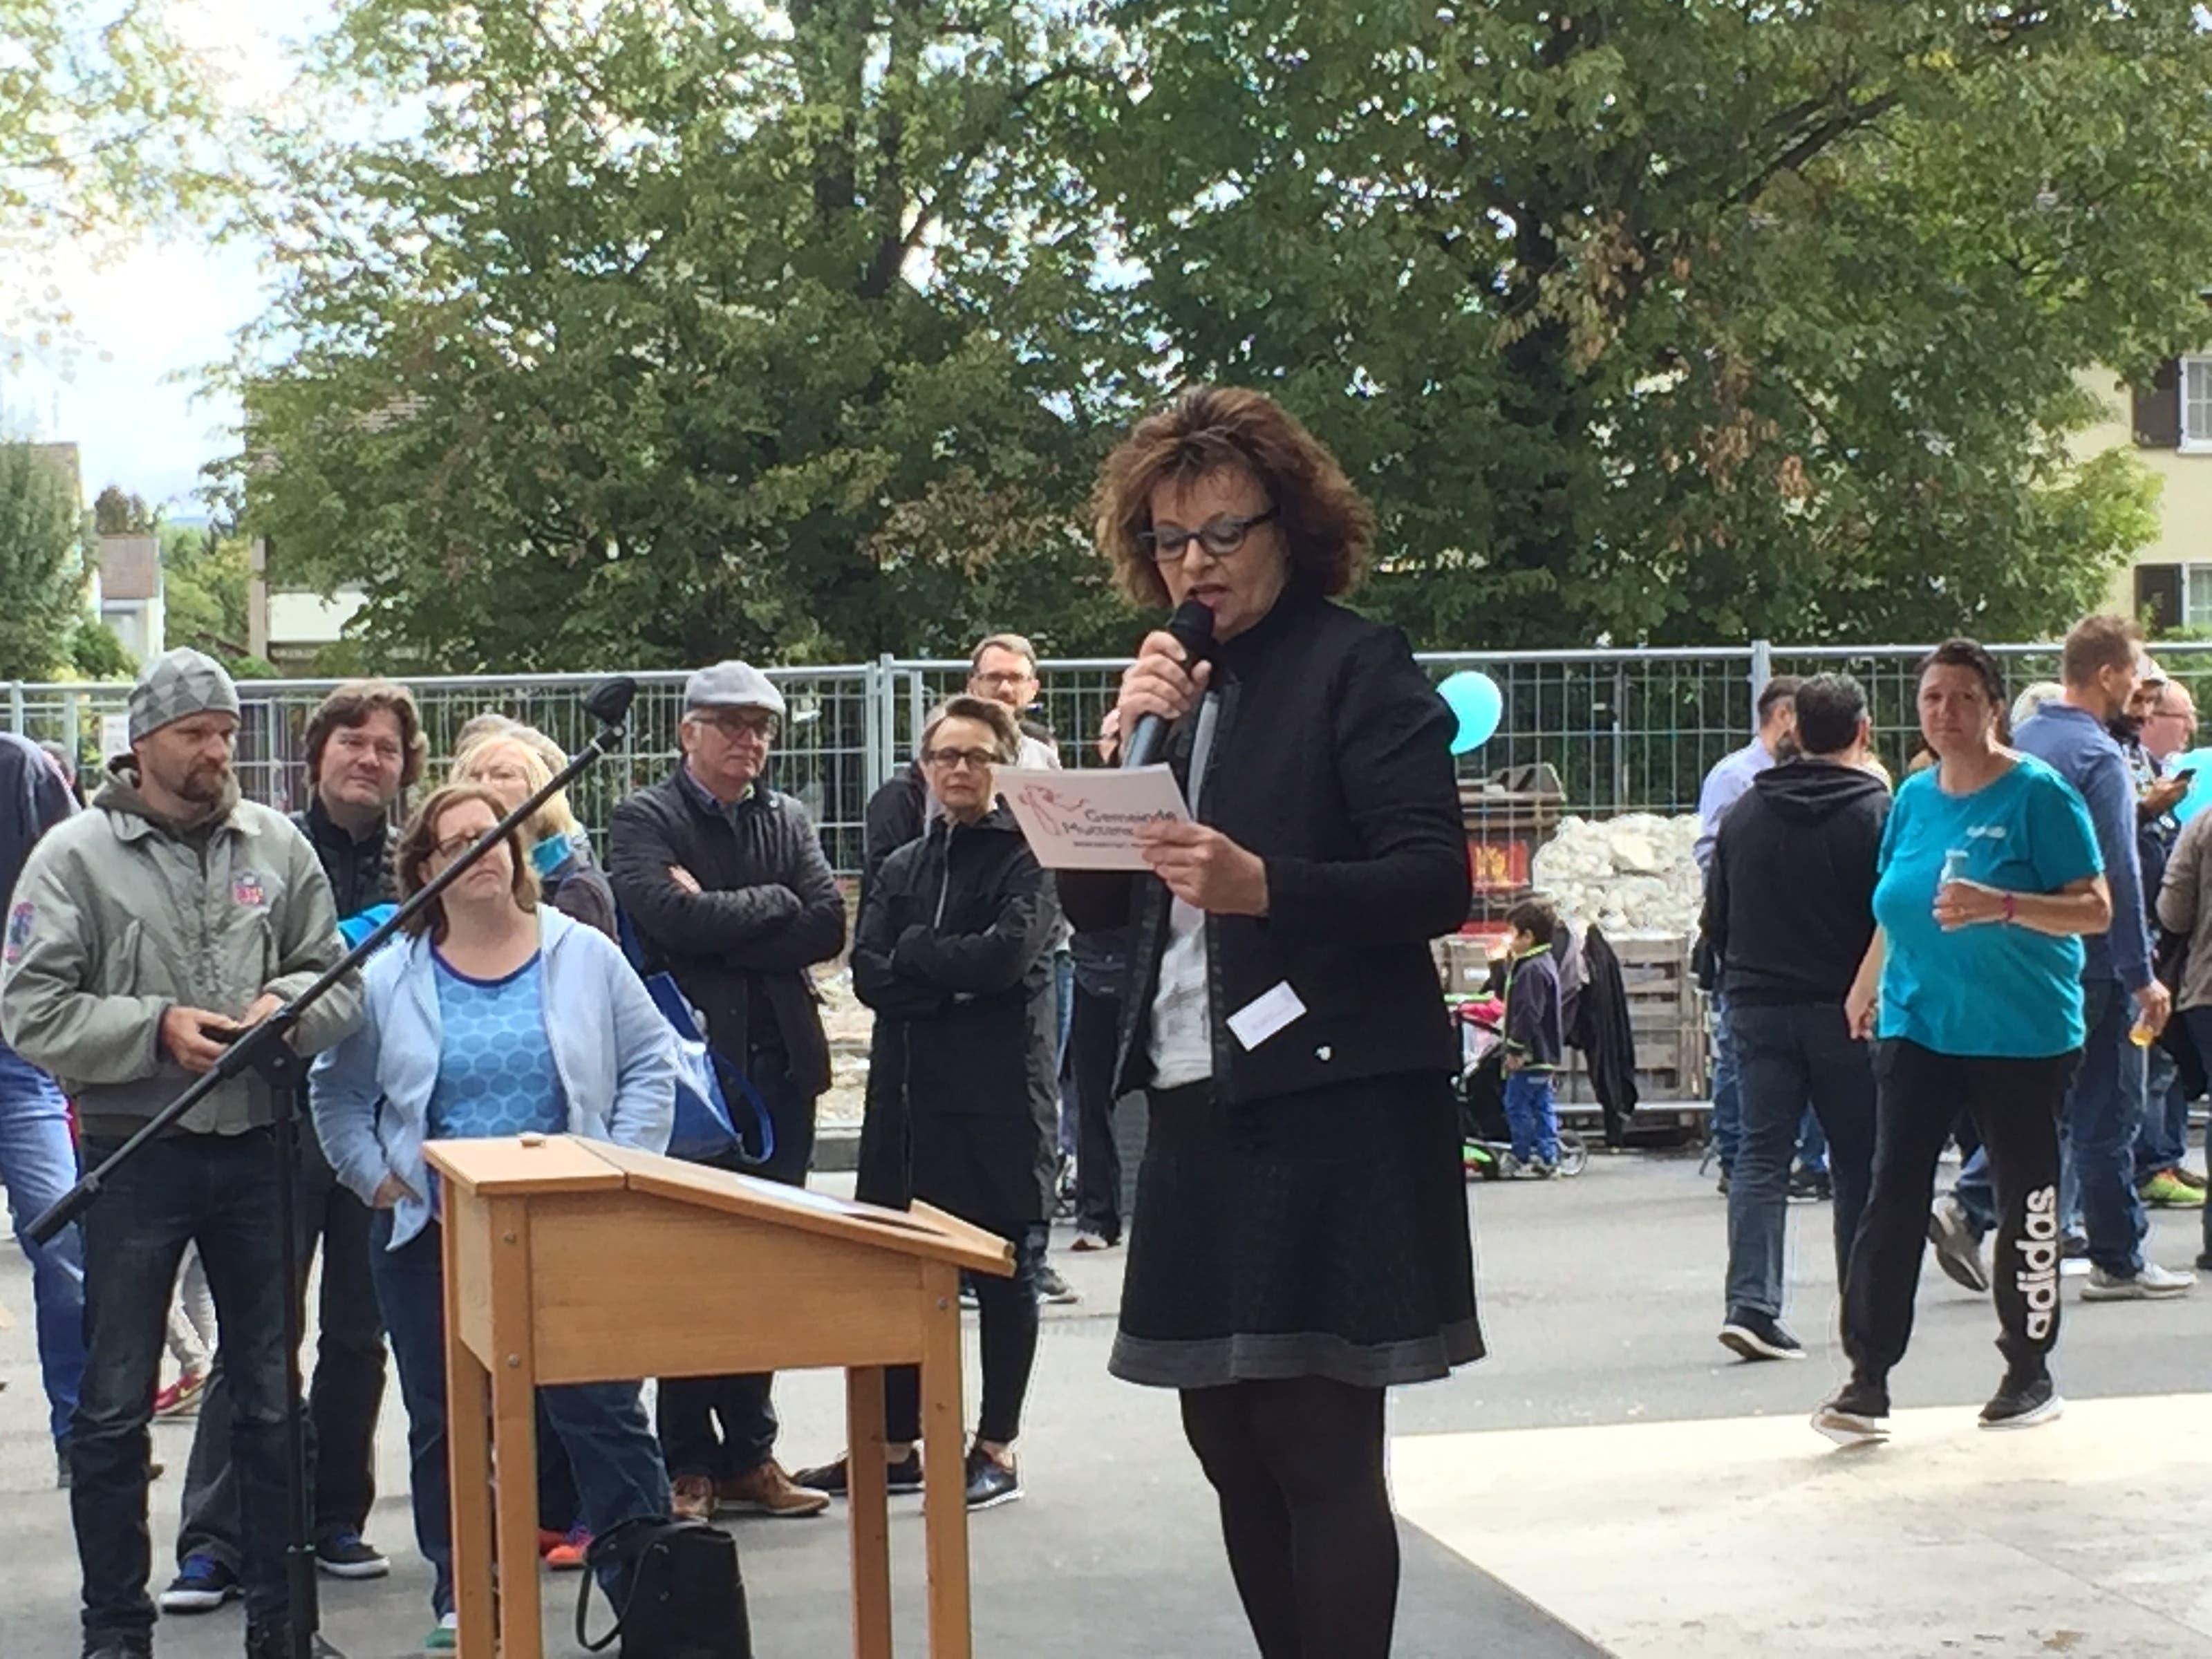 Schulleiterin Agnes Hermann bei ihrer Ansprache.